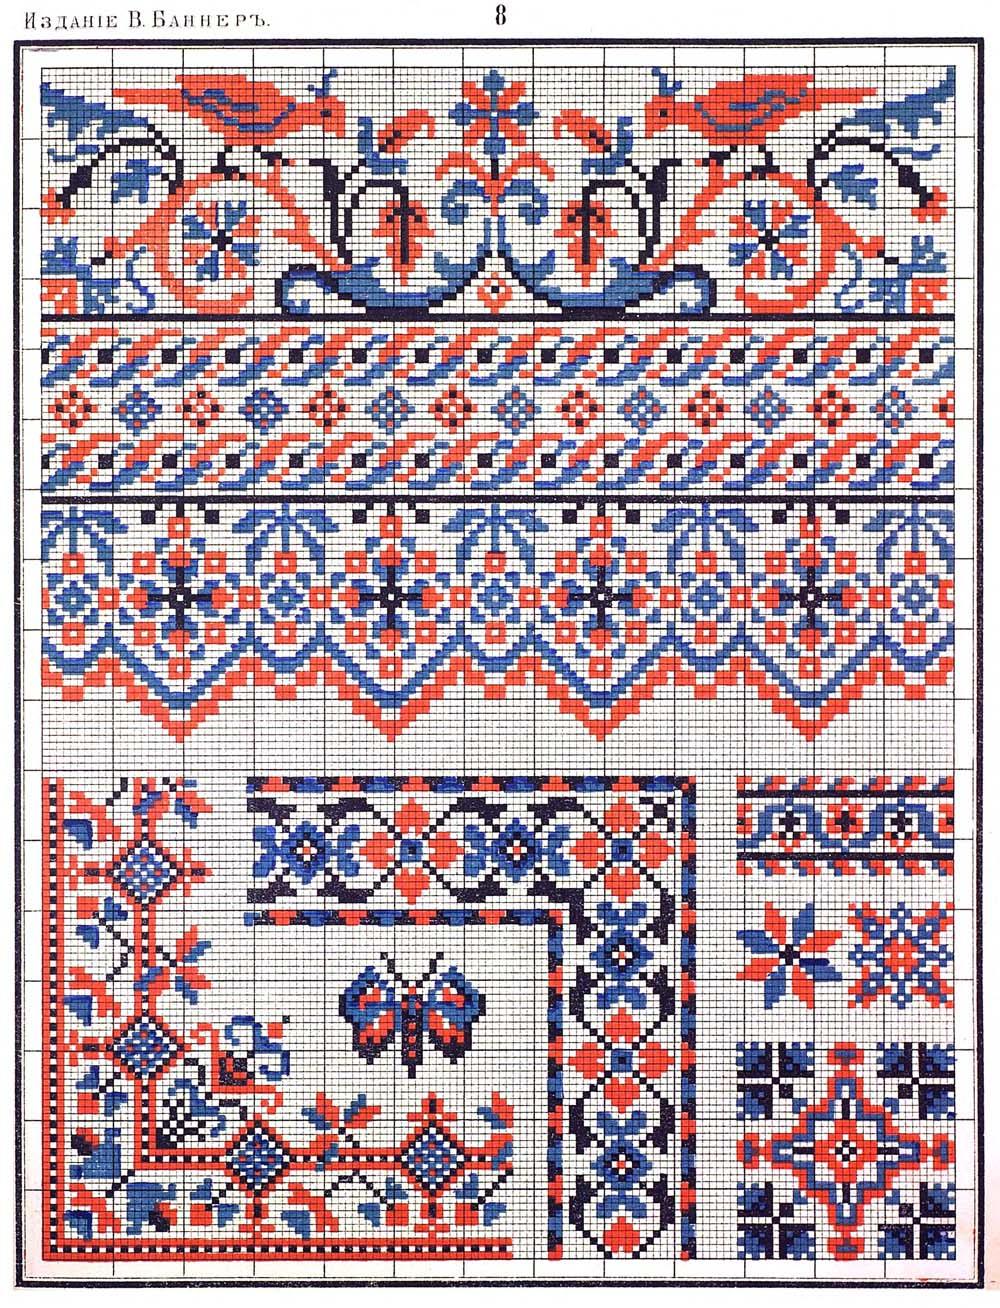 Вышивка крестом узоры и орнаменты схемы: геометрические бесплатно 60